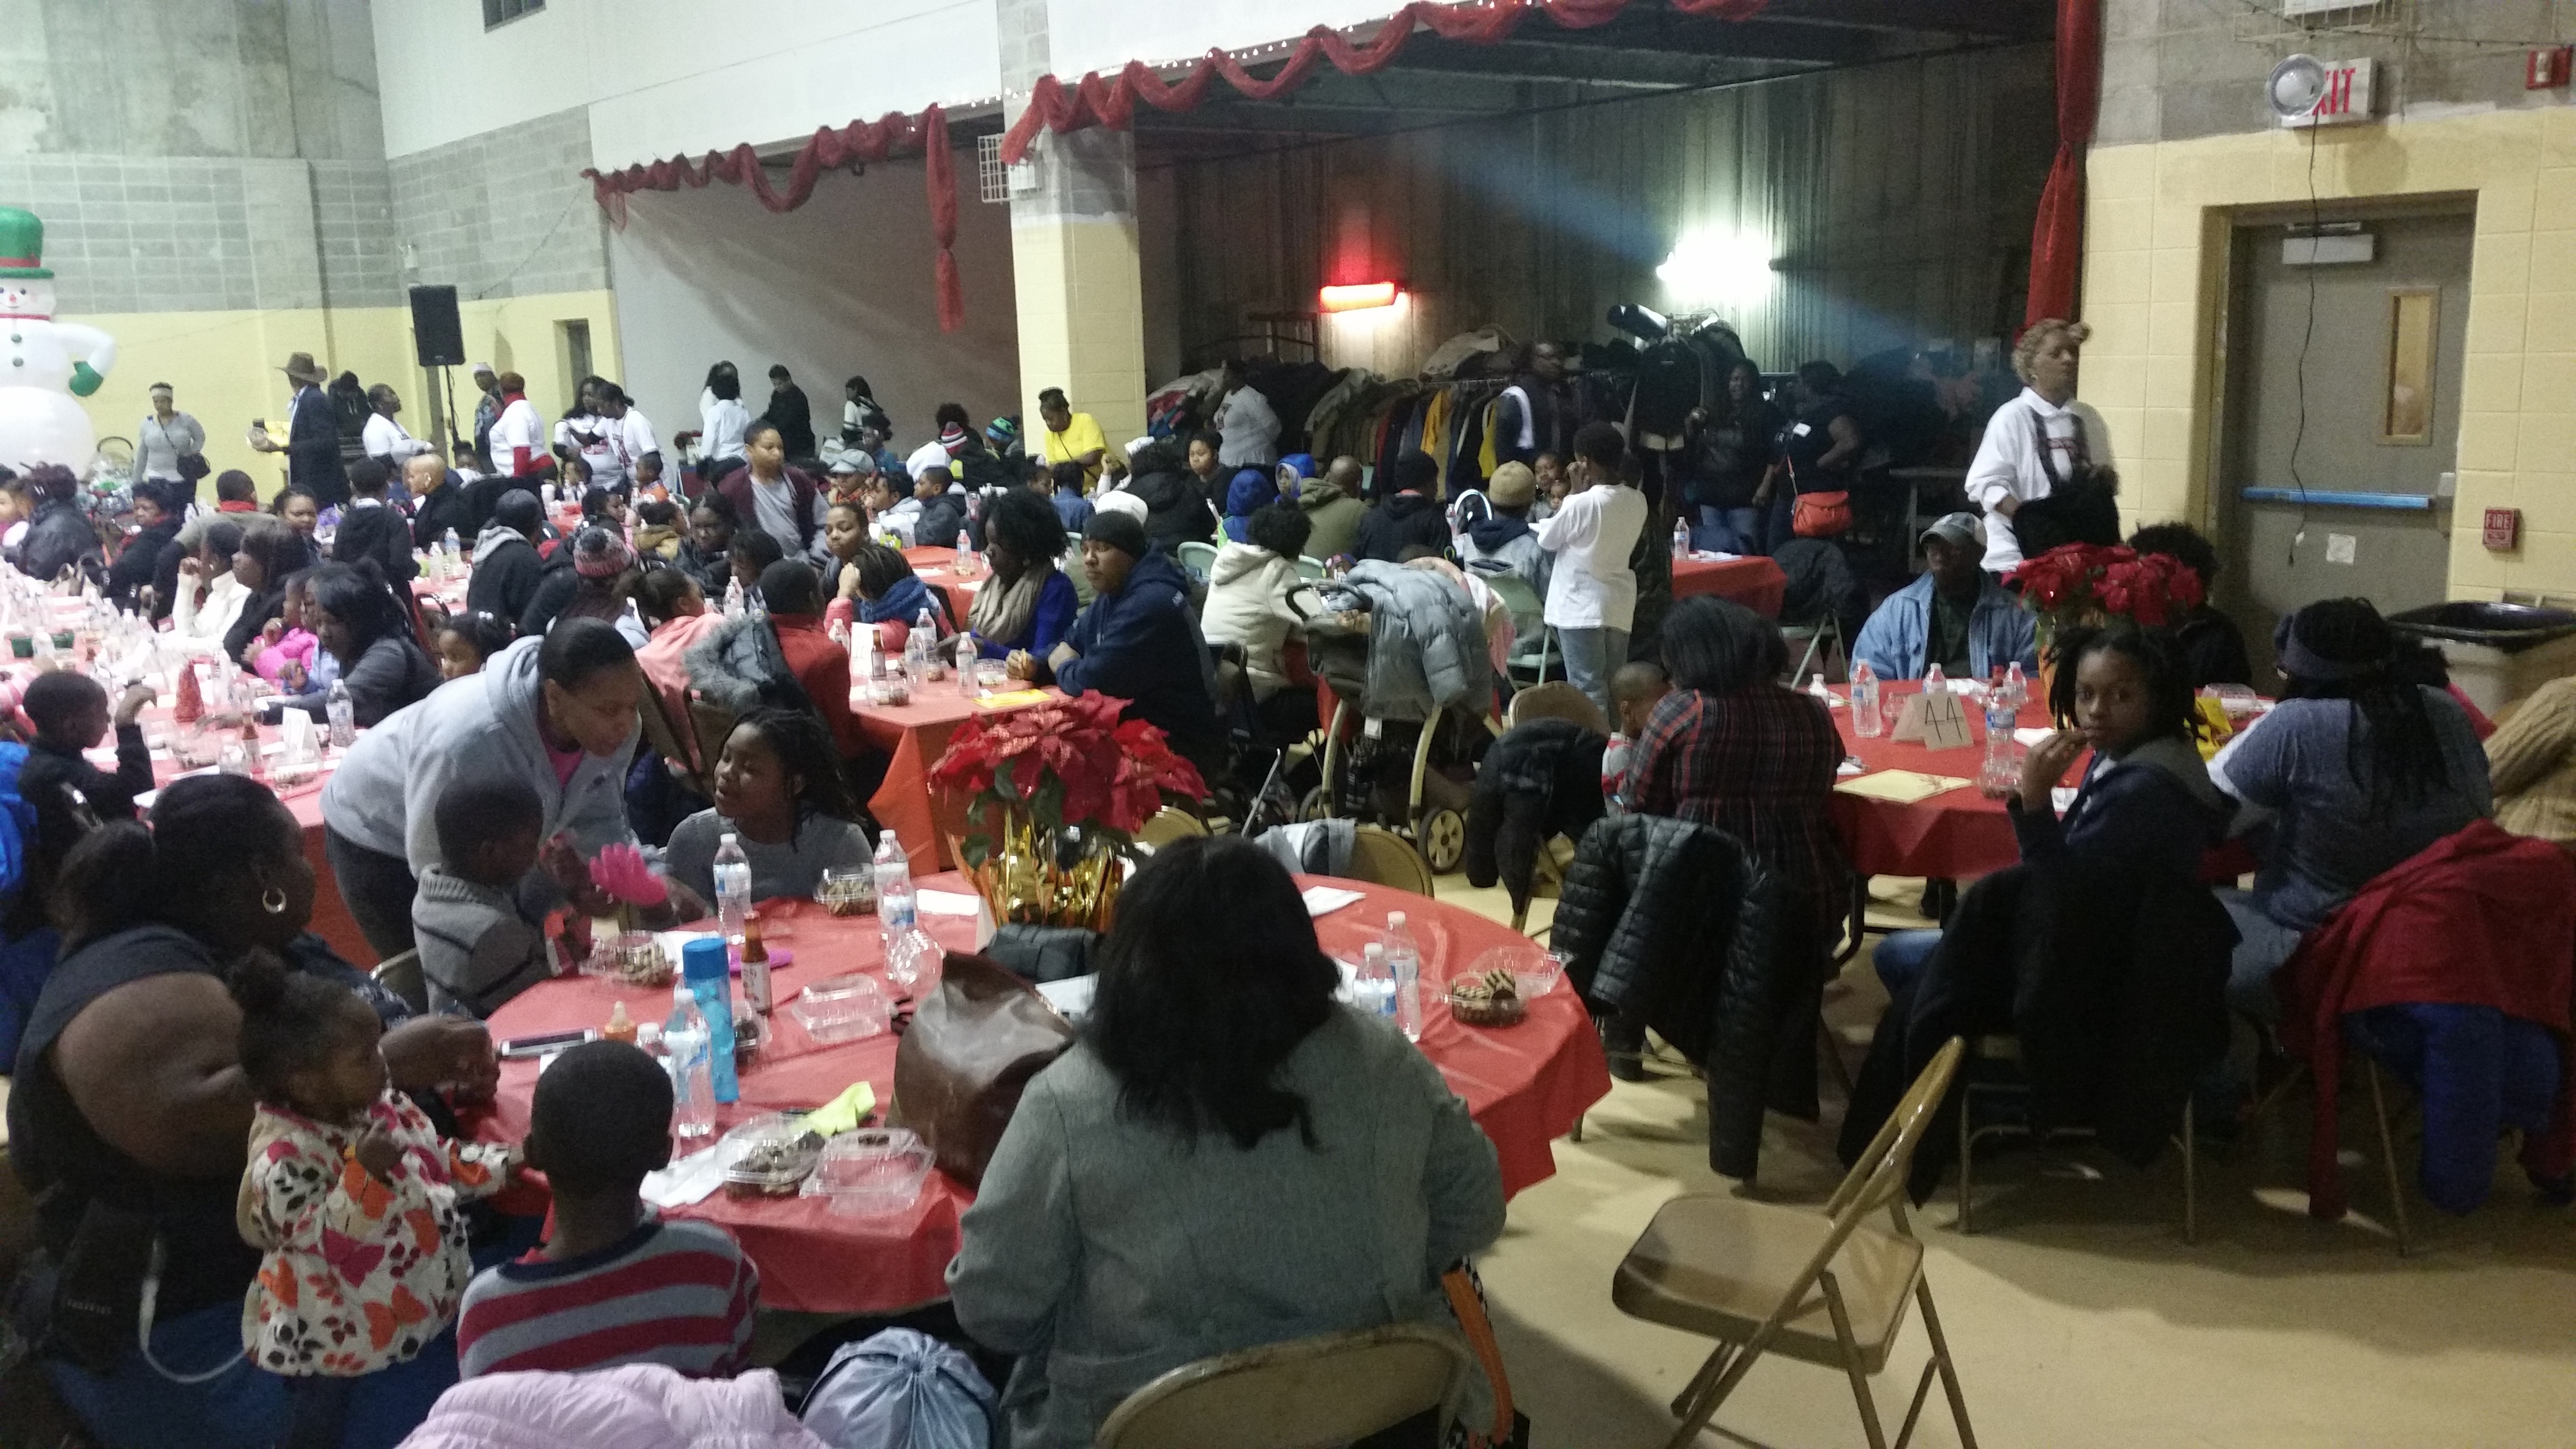 ce722507bb3cbdeabca6_christmas_party_1.jpg